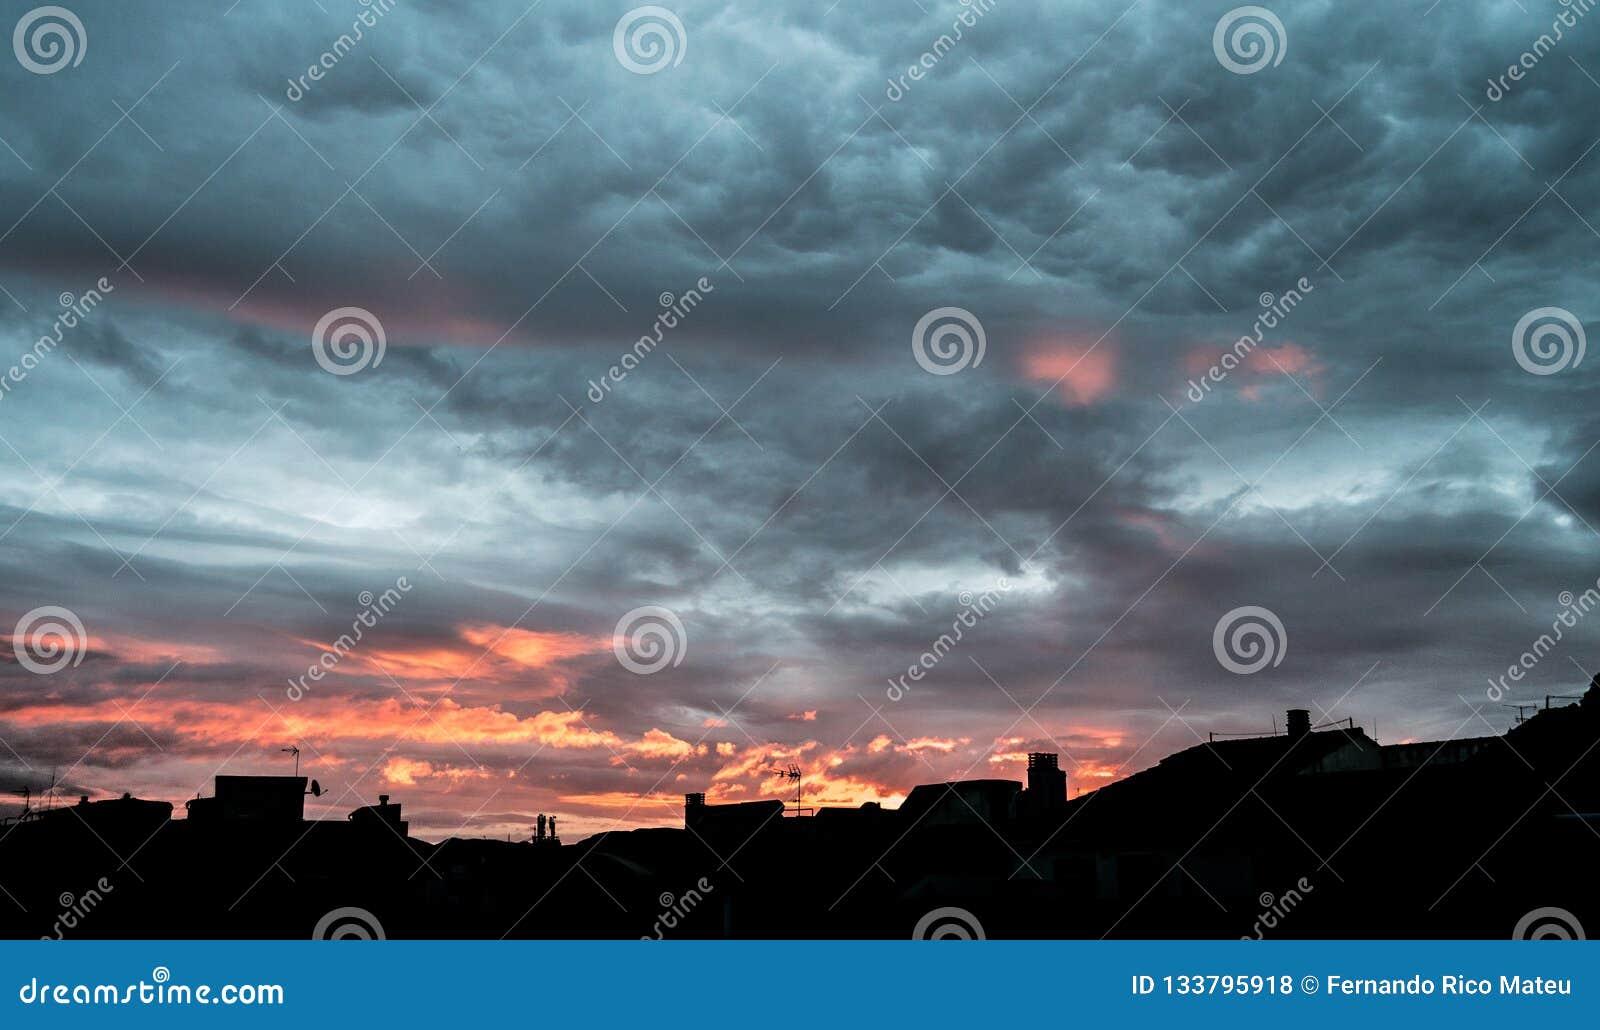 Überraschender Sonnenaufgang des bewölkten Himmels Furchtsame drastische Wolken des dunkelorangefarbigen Sturms im schönen Sonnen